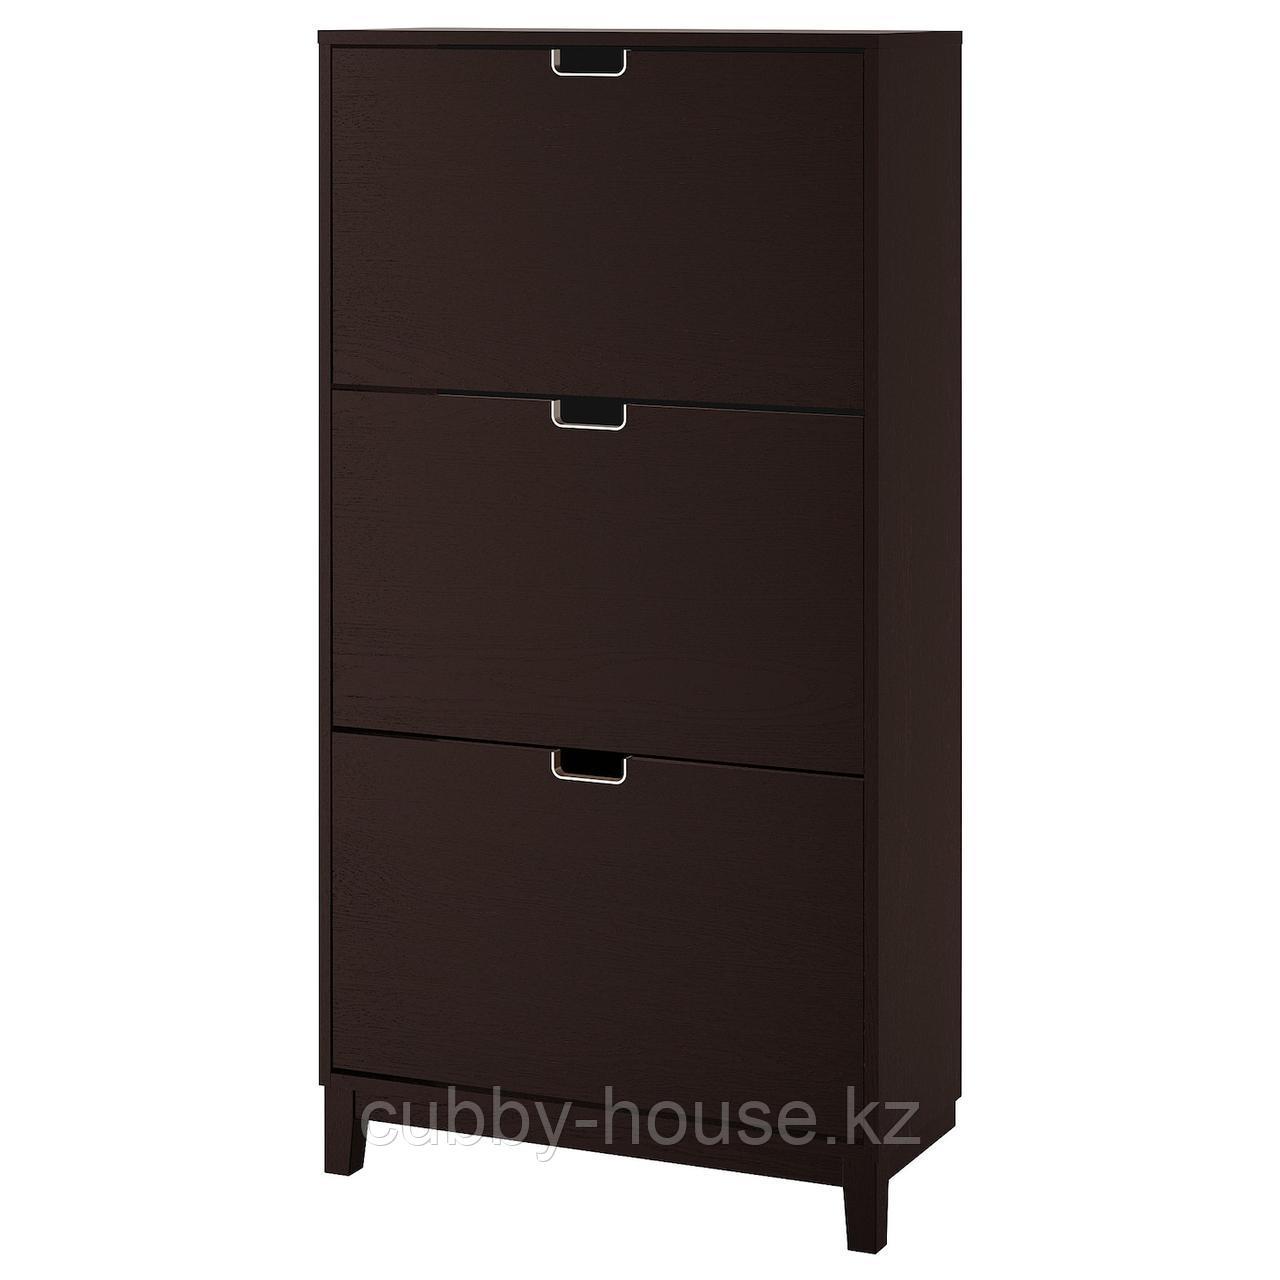 СТЭЛЛ Галошница,3 отделения, черно-коричневый, 79x148 см